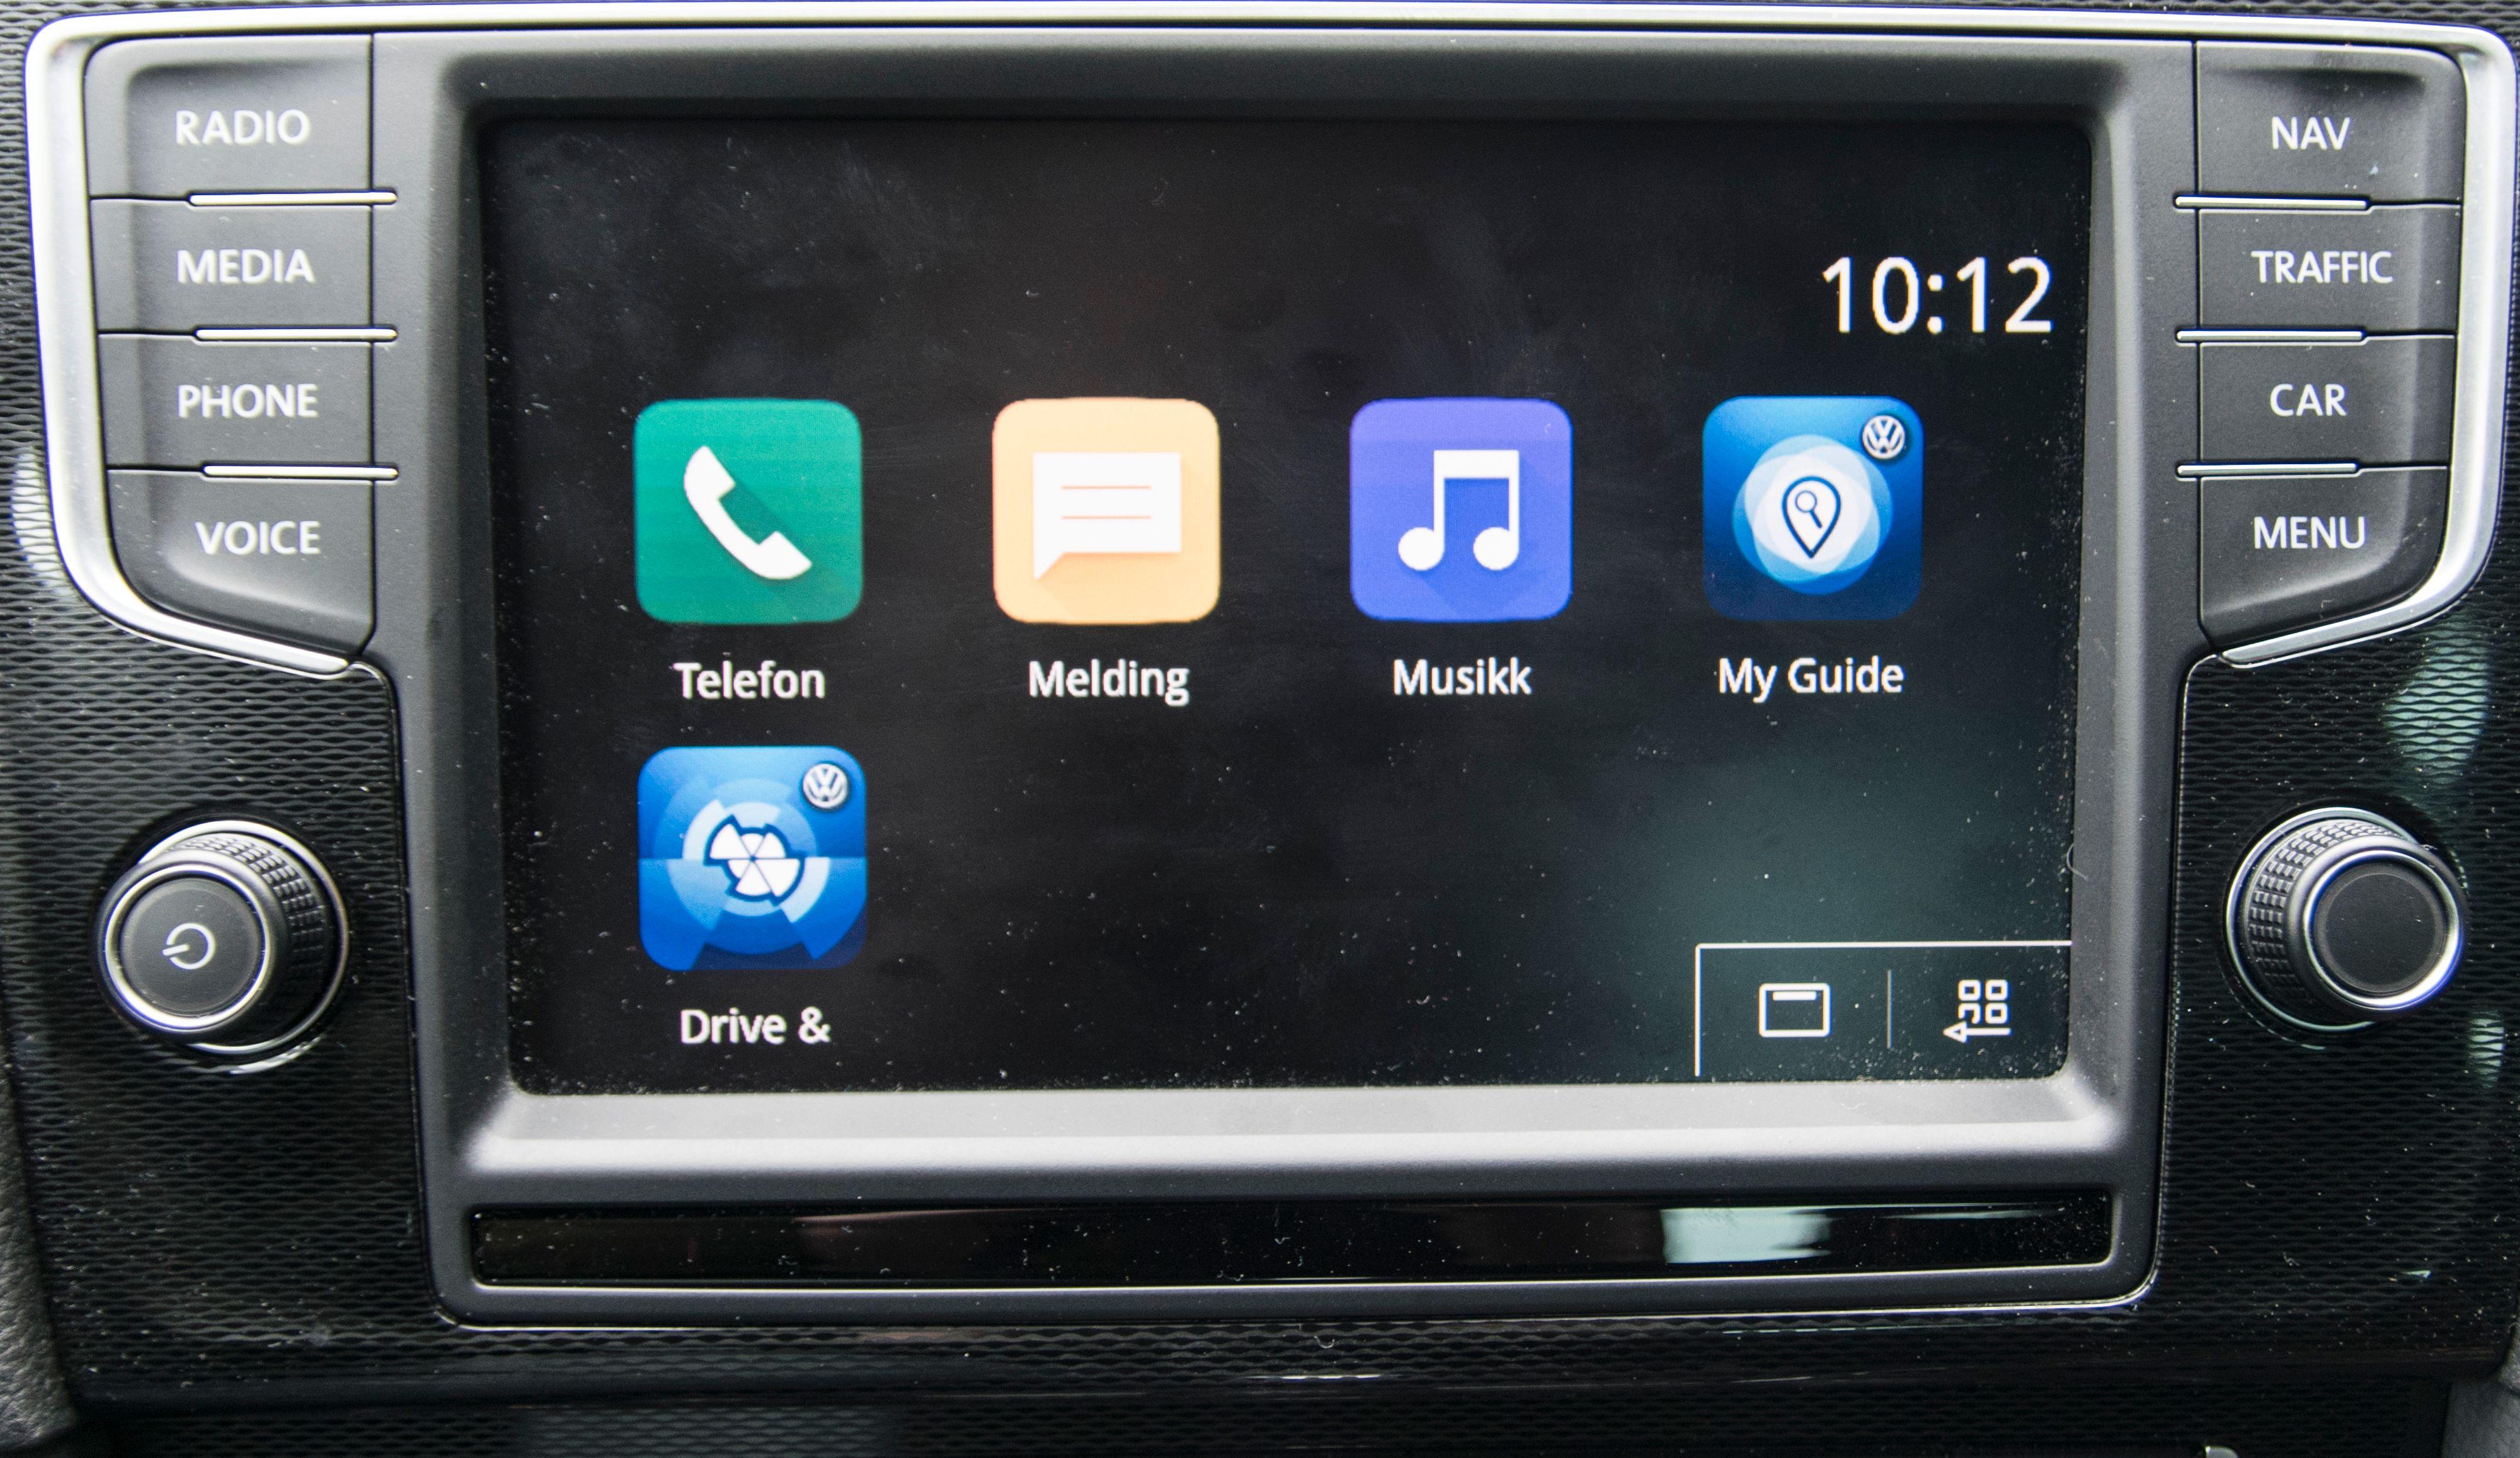 Men apputvalget er begredelig, og varierer fra telefon til telefon og bilprodusent til bilprodusent. Volkswagen har et lite knippe MirrorLink-apper som er trivelige å leke med, men hva din bilprodusent har laget kan variere. I hvilken grad løsningene fungerer om hverandre er også en relativt ukjent størrelse. Både Android Auto og Apple CarPlay er stort sett likt fra bil til bil. Bilde: Finn Jarle Kvalheim, Tek.no